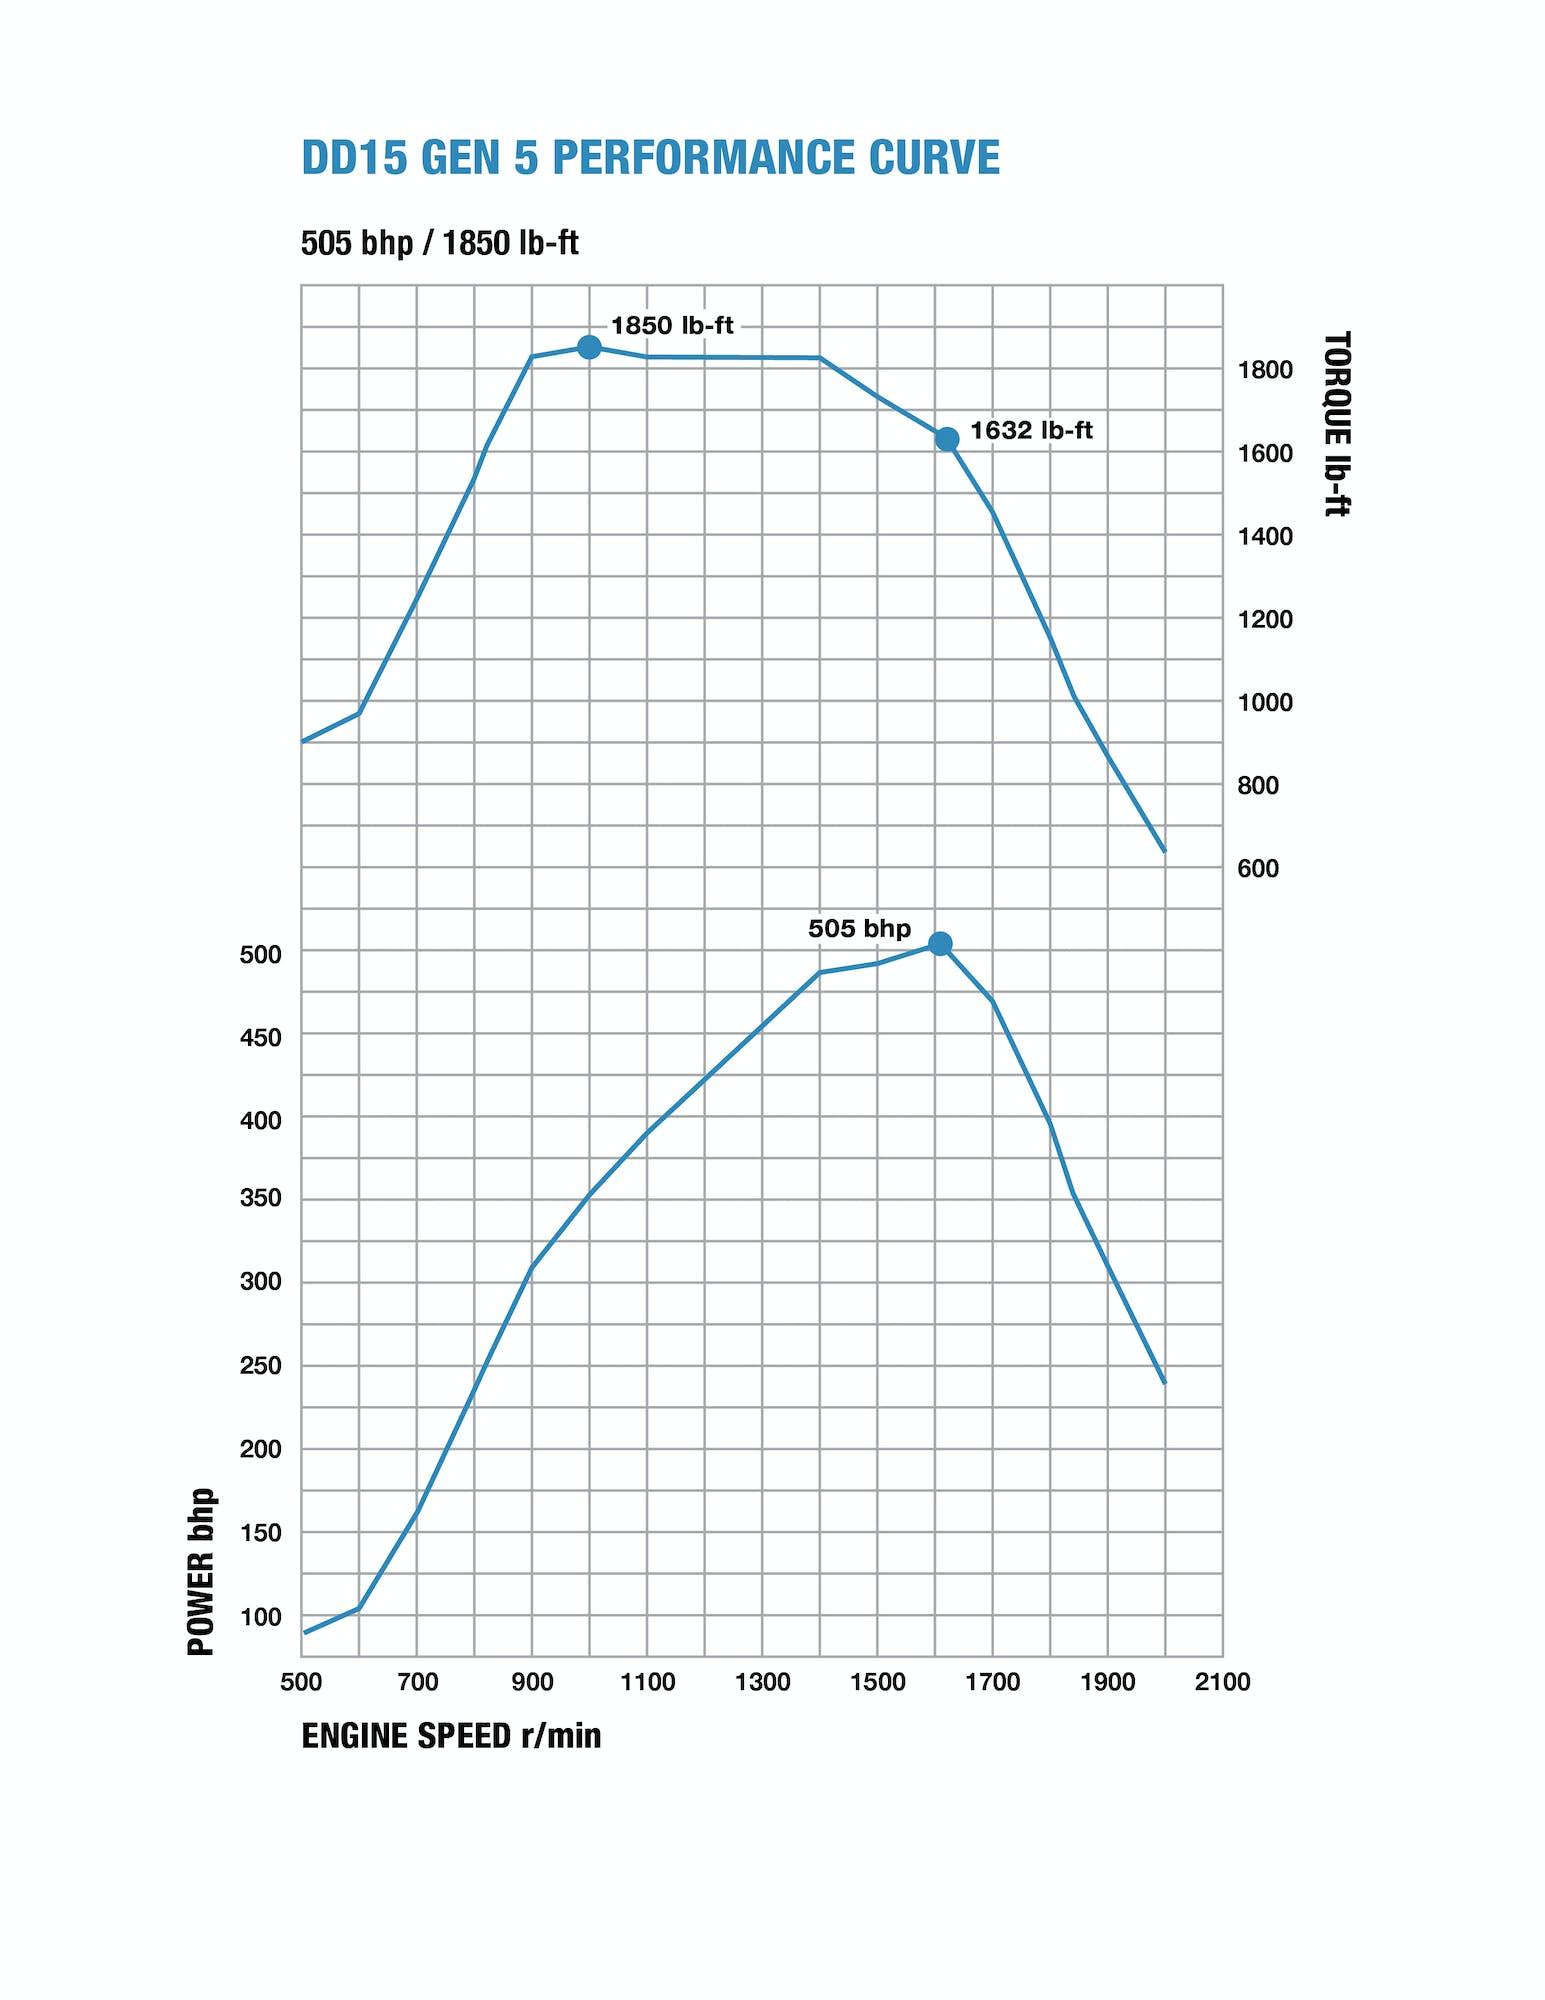 ddcpwr-14840-dd15-gen-5-vs-ghg17-graph_v2.jpg